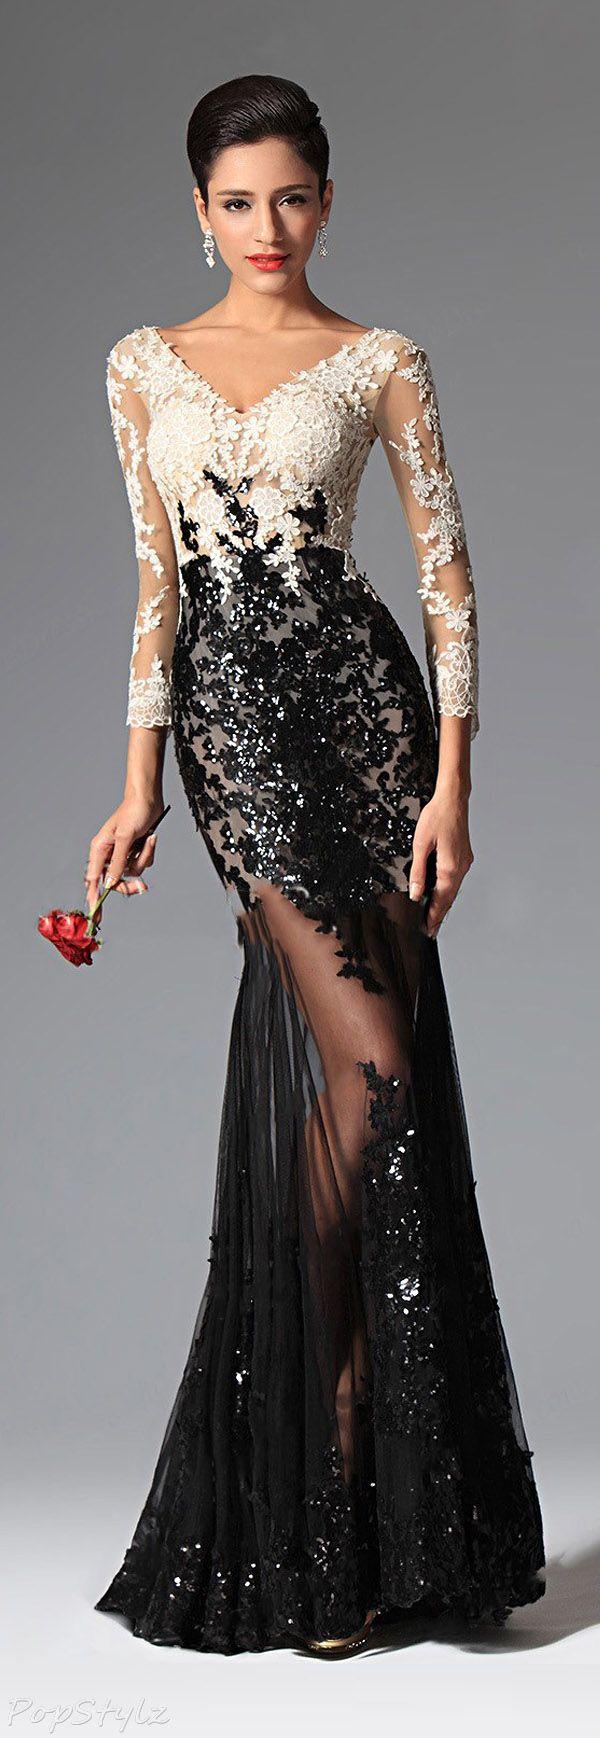 vestido longo 2